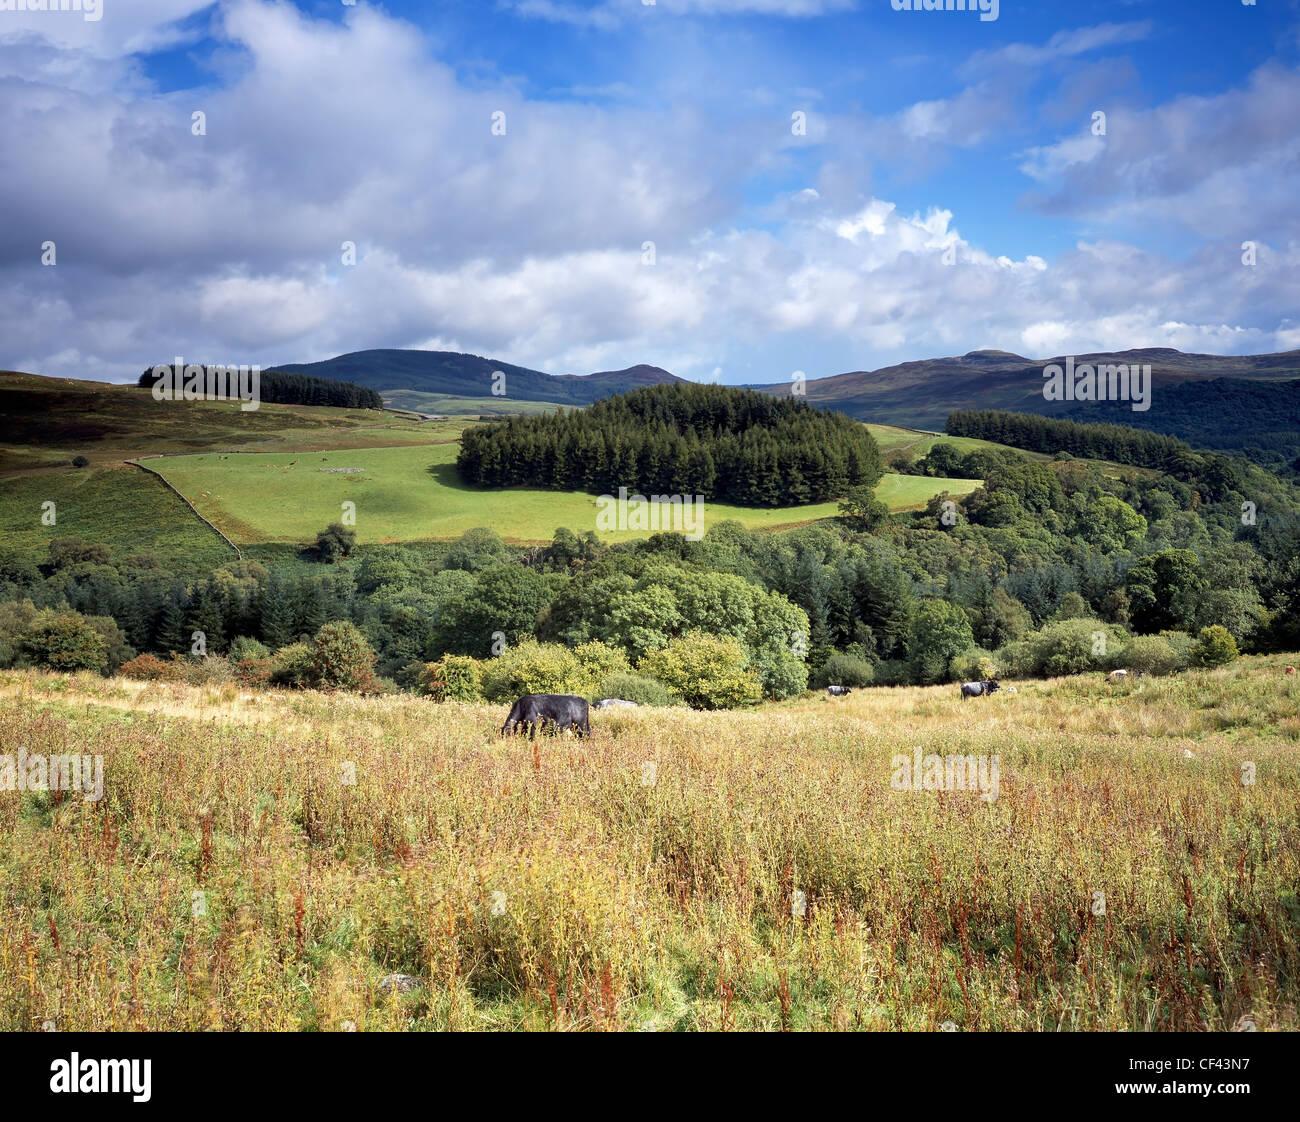 Le pâturage du bétail sur les collines et les champs du sud-ouest de l'Écosse. Photo Stock